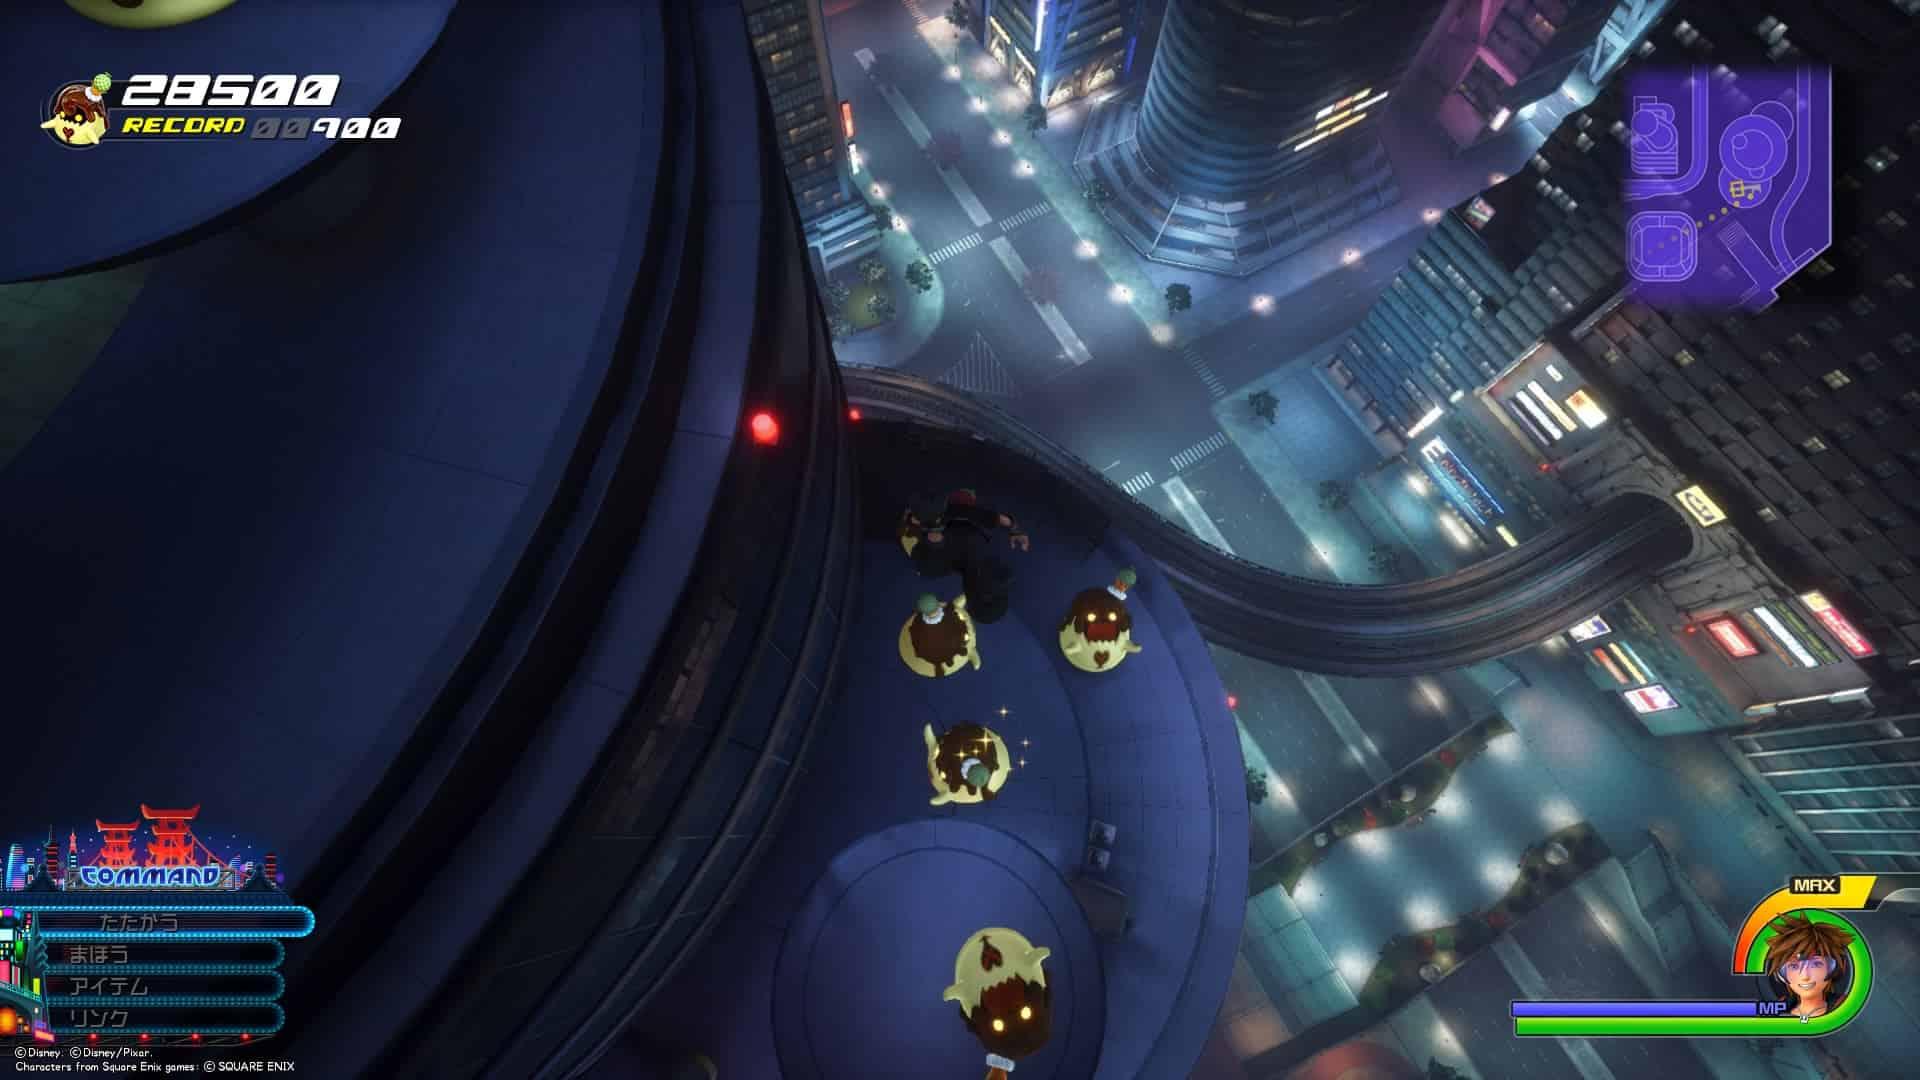 メロンプリンゲーム画面